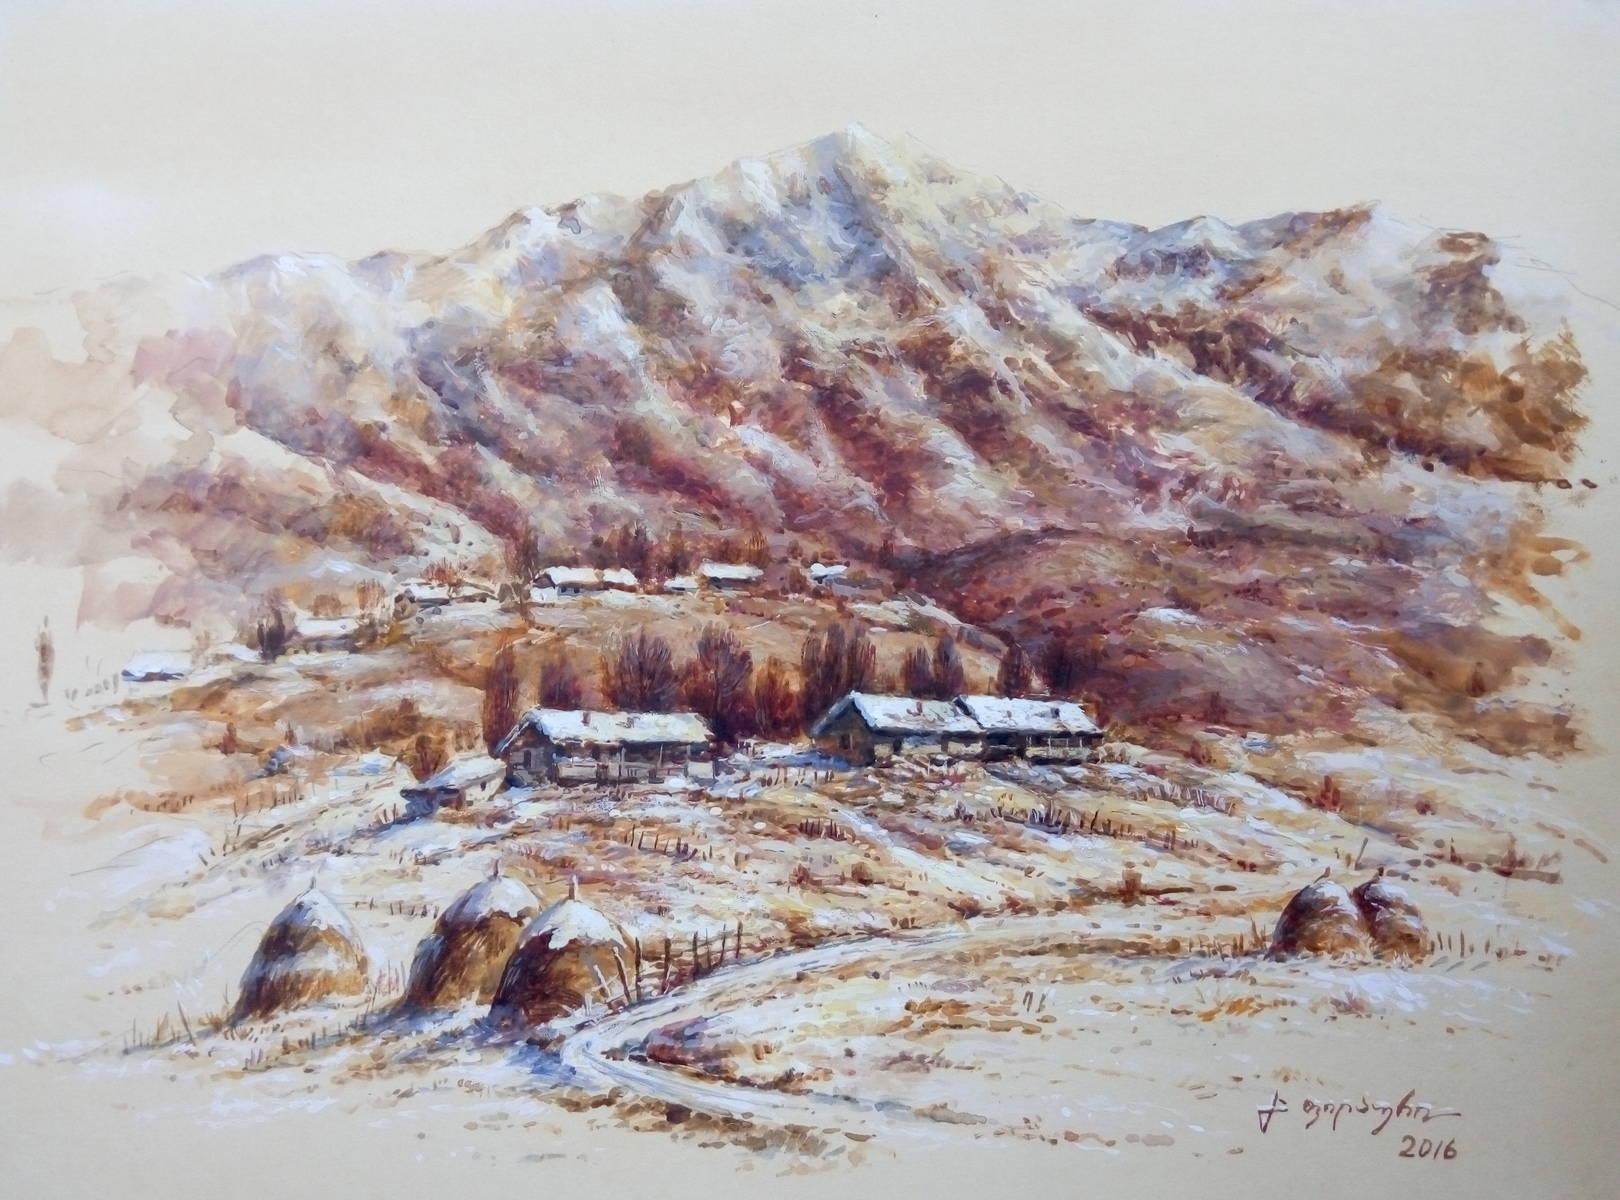 «Деревенька в горах»        бумага, акварель, гуашь «The village in mountains»  paper, aquarelle, gouache 30x41, 2016